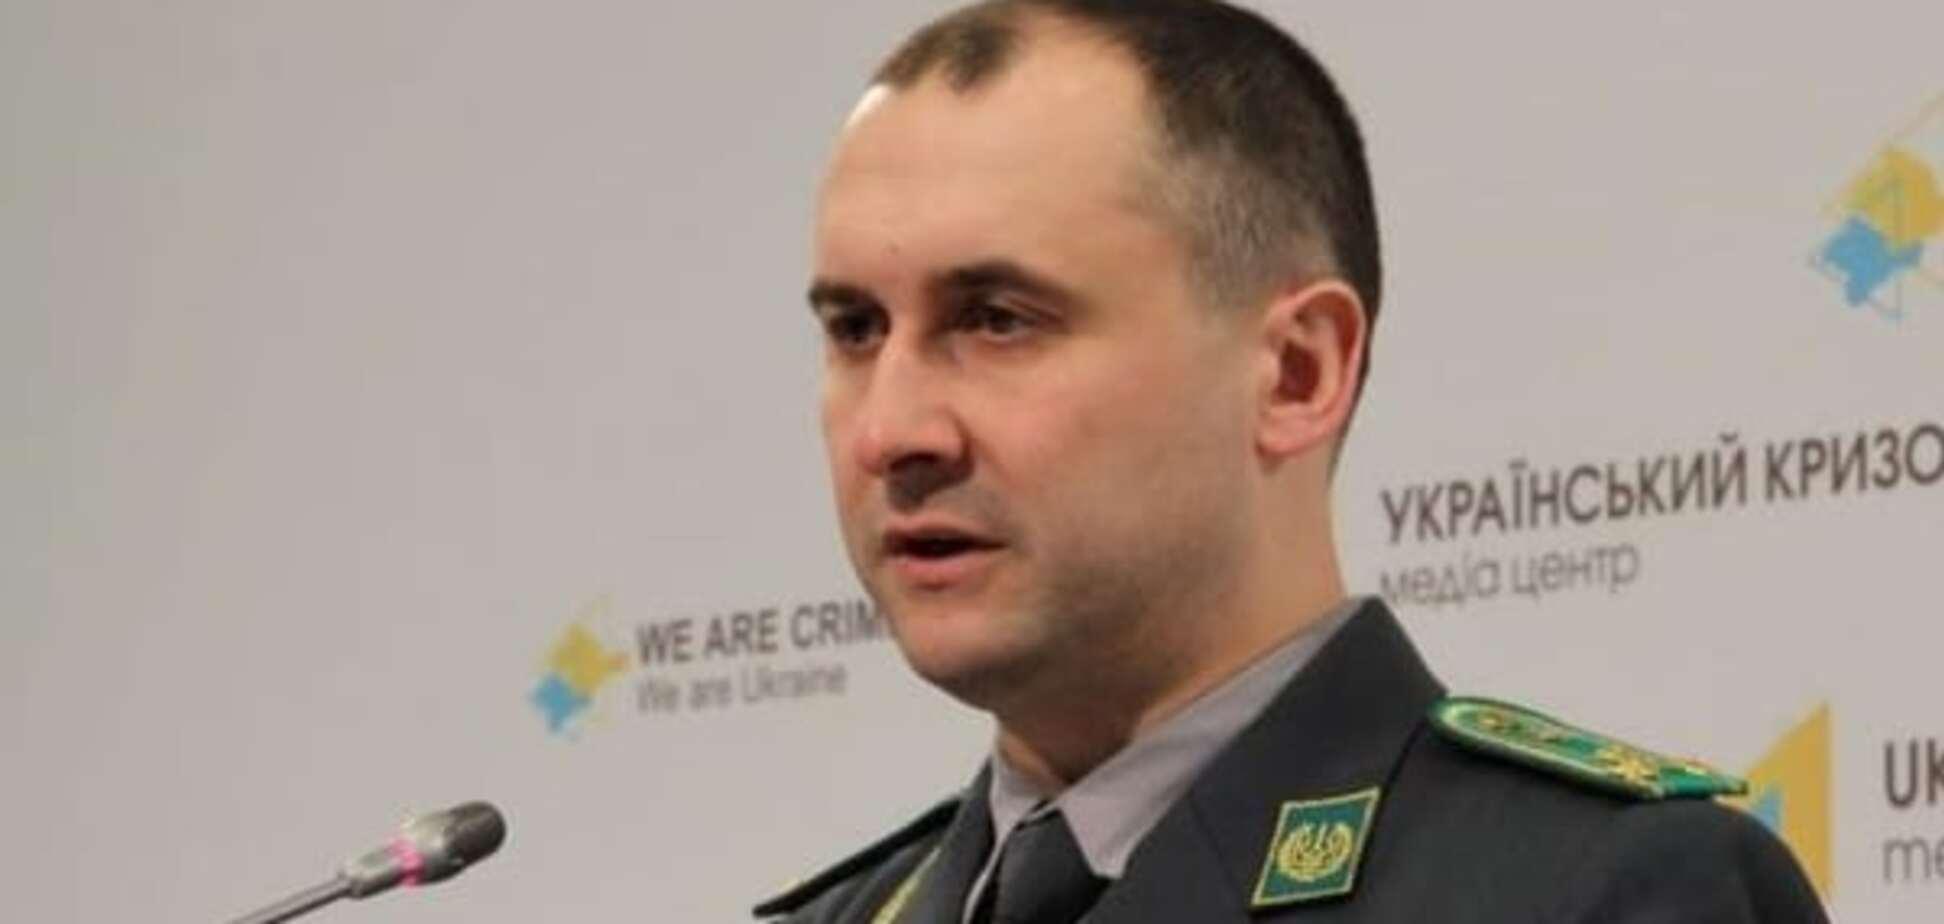 Прикордонники прокоментували інформацію про російські танки, що йдуть до Херсонщини